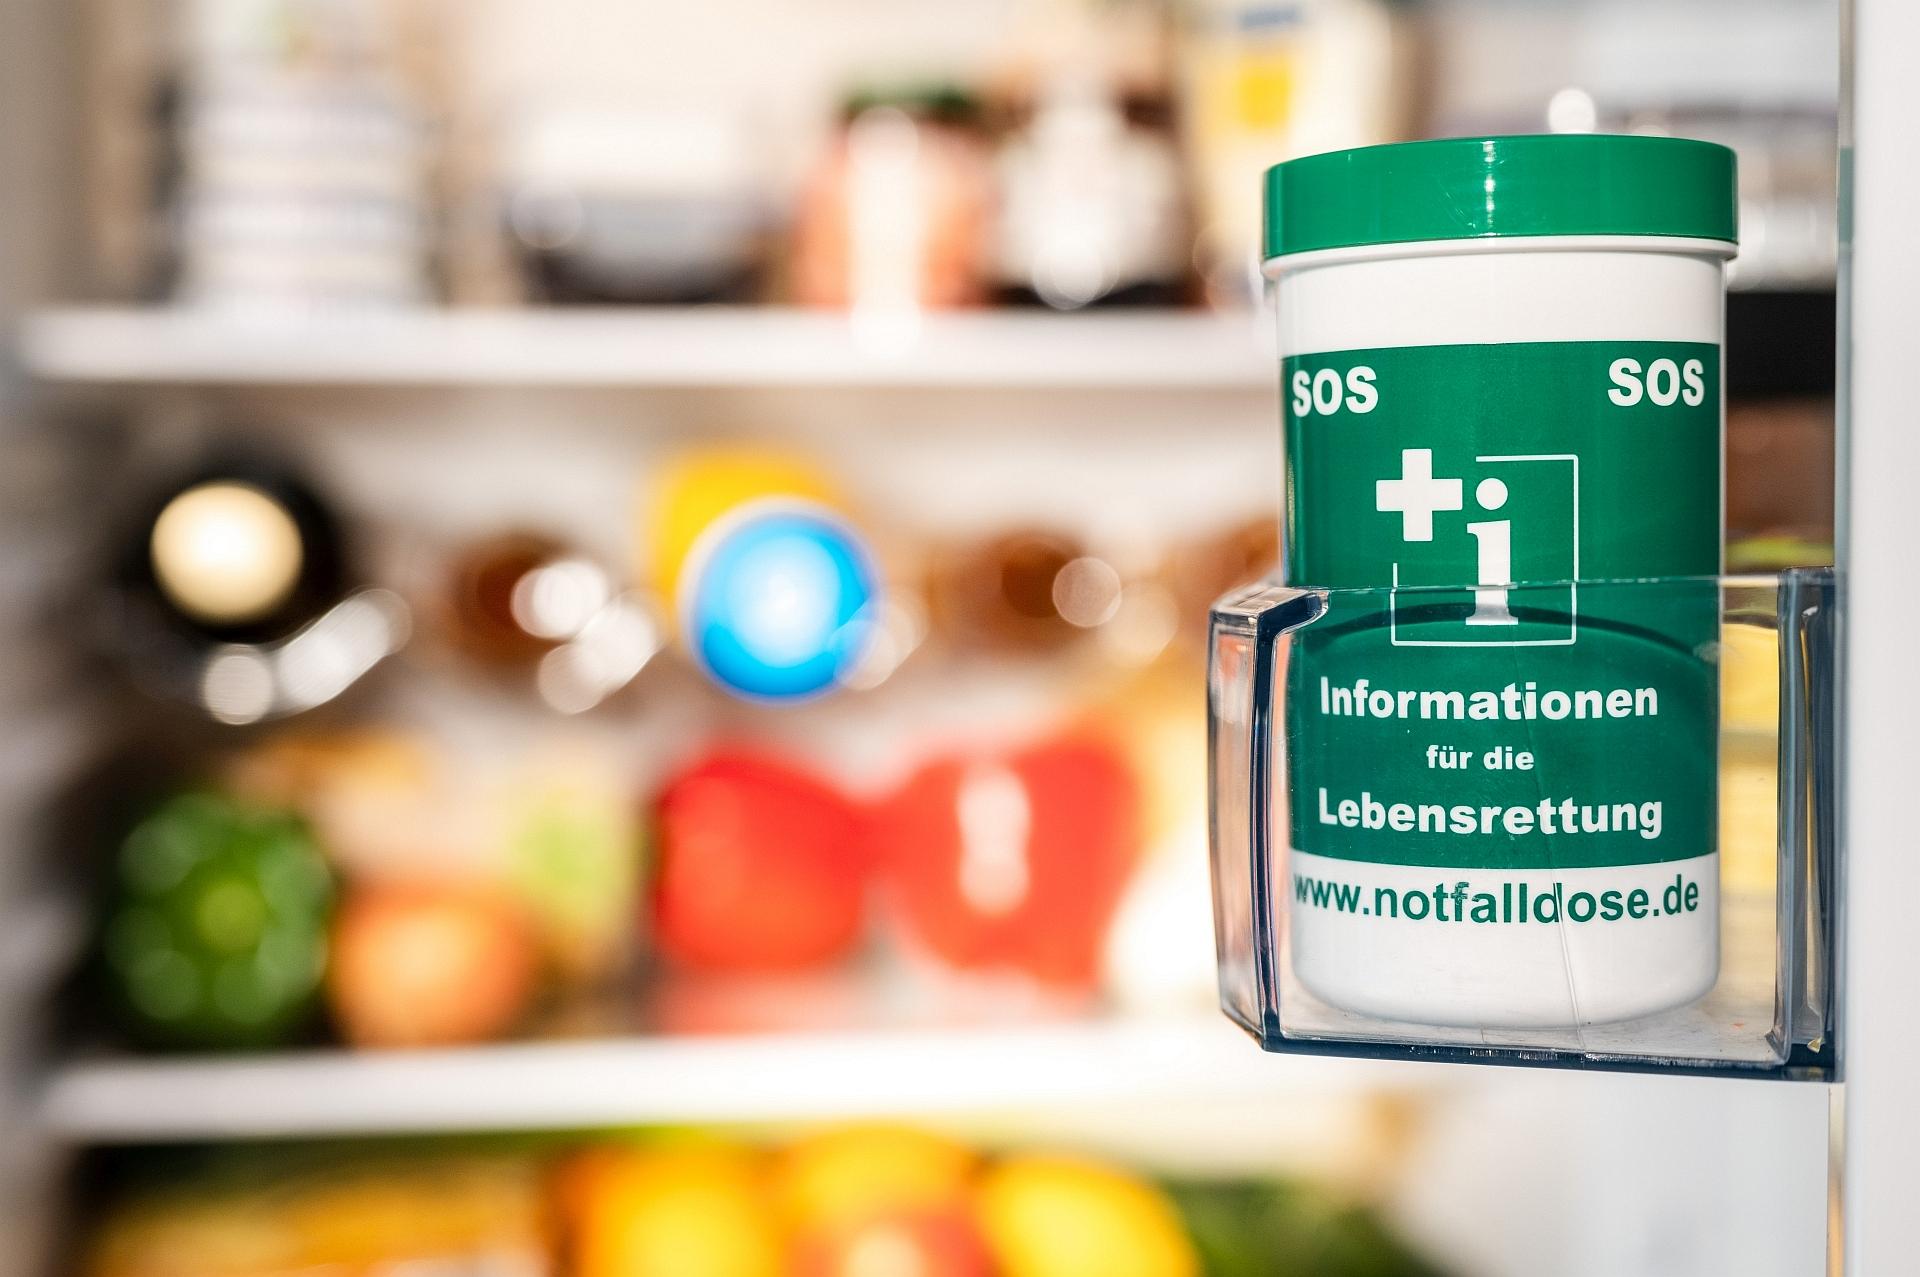 Notfalldose im Kühlschrank mit wichtigen Informationen für die Lebensrettung